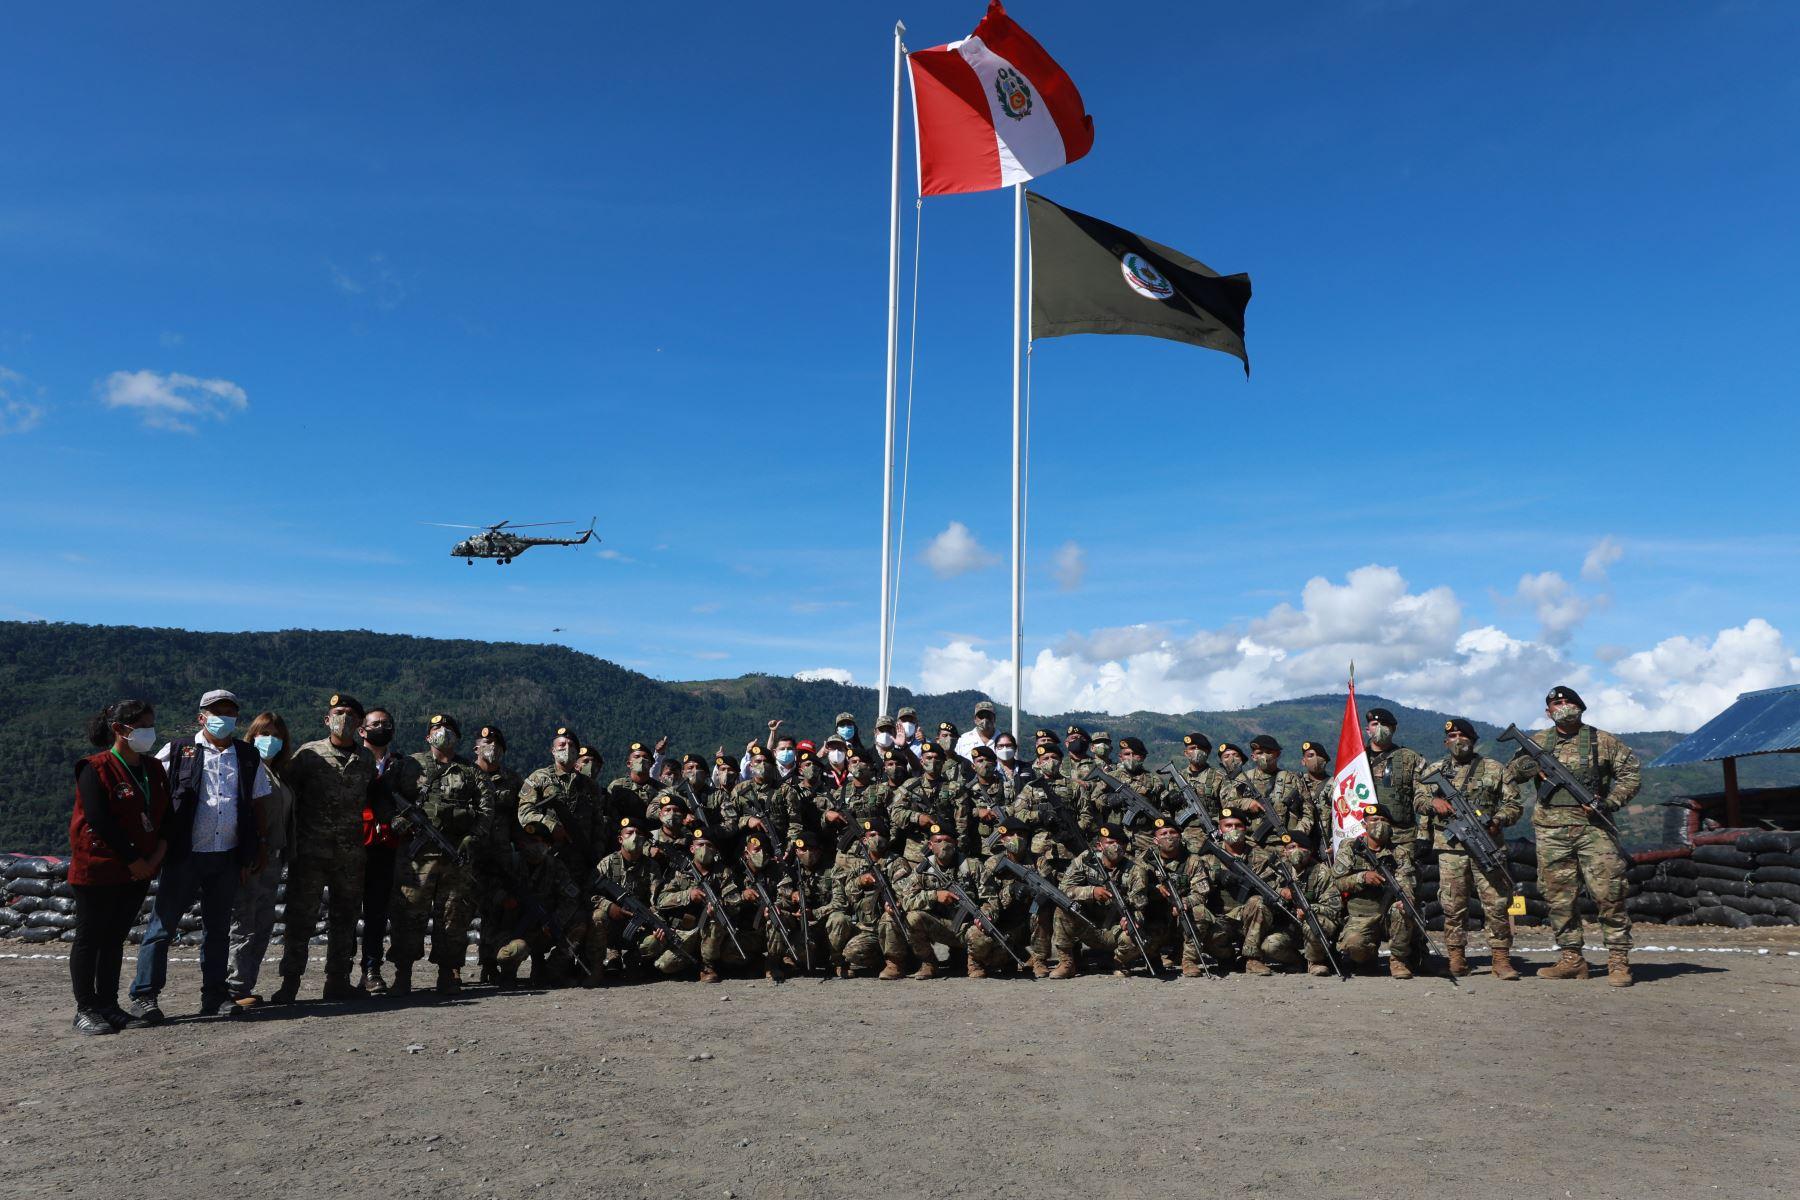 La ministra de Defensa, Nuria Esparch, inauguró  una base militar contraterrorista en el centro poblado de San Miguel del Ene, distrito de Vizcatán del Ene, en la provincia de Satipo, región Junín. Foto: Mindef